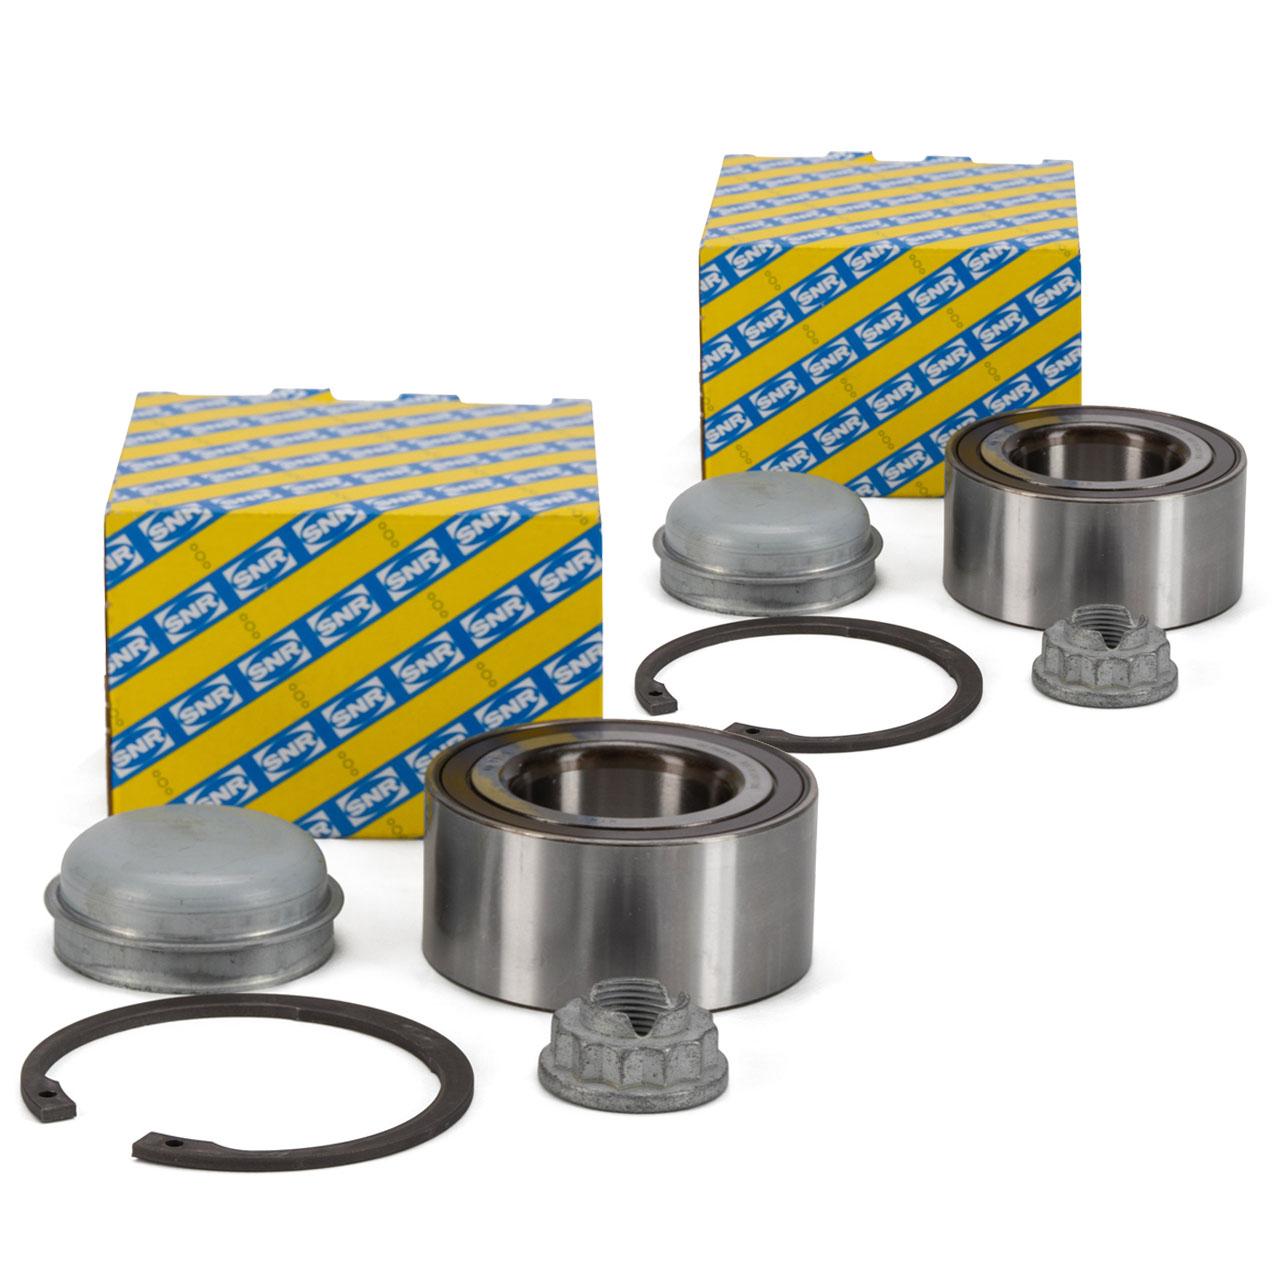 2x SNR R151.46 Radlagersatz MERCEDES A-/B-Klasse W169 W245 vorne 1699810006